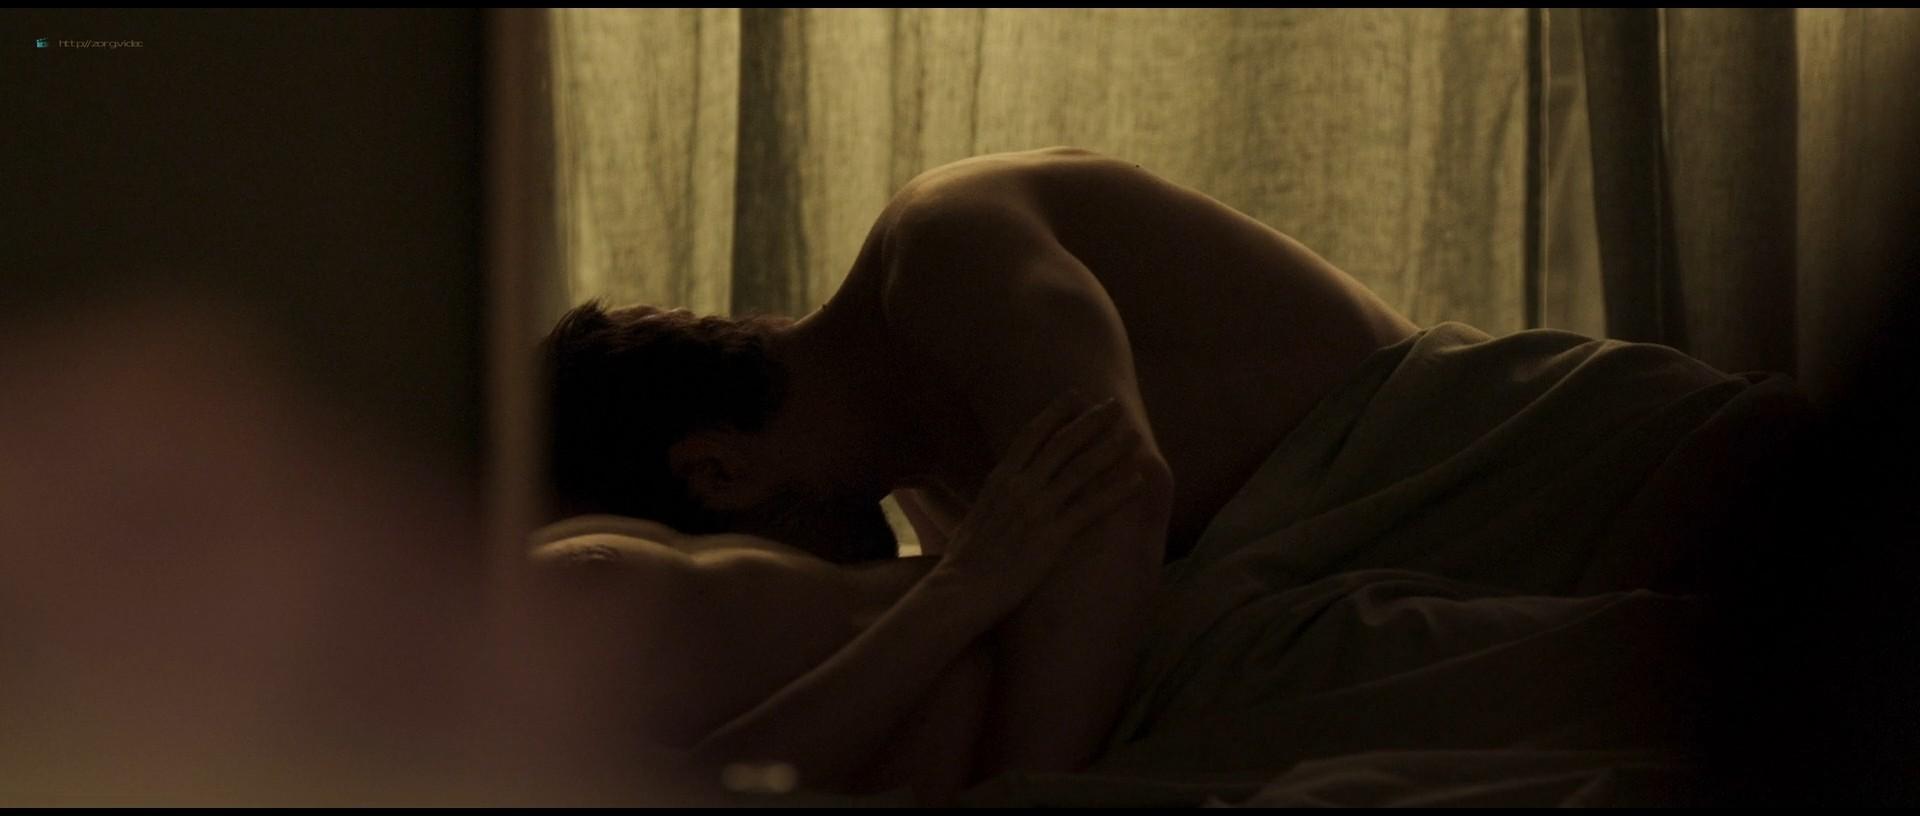 Juliette Binoche nude hot sex - Celle que vous croyez (FR-2019) 1080p BluRay (3)